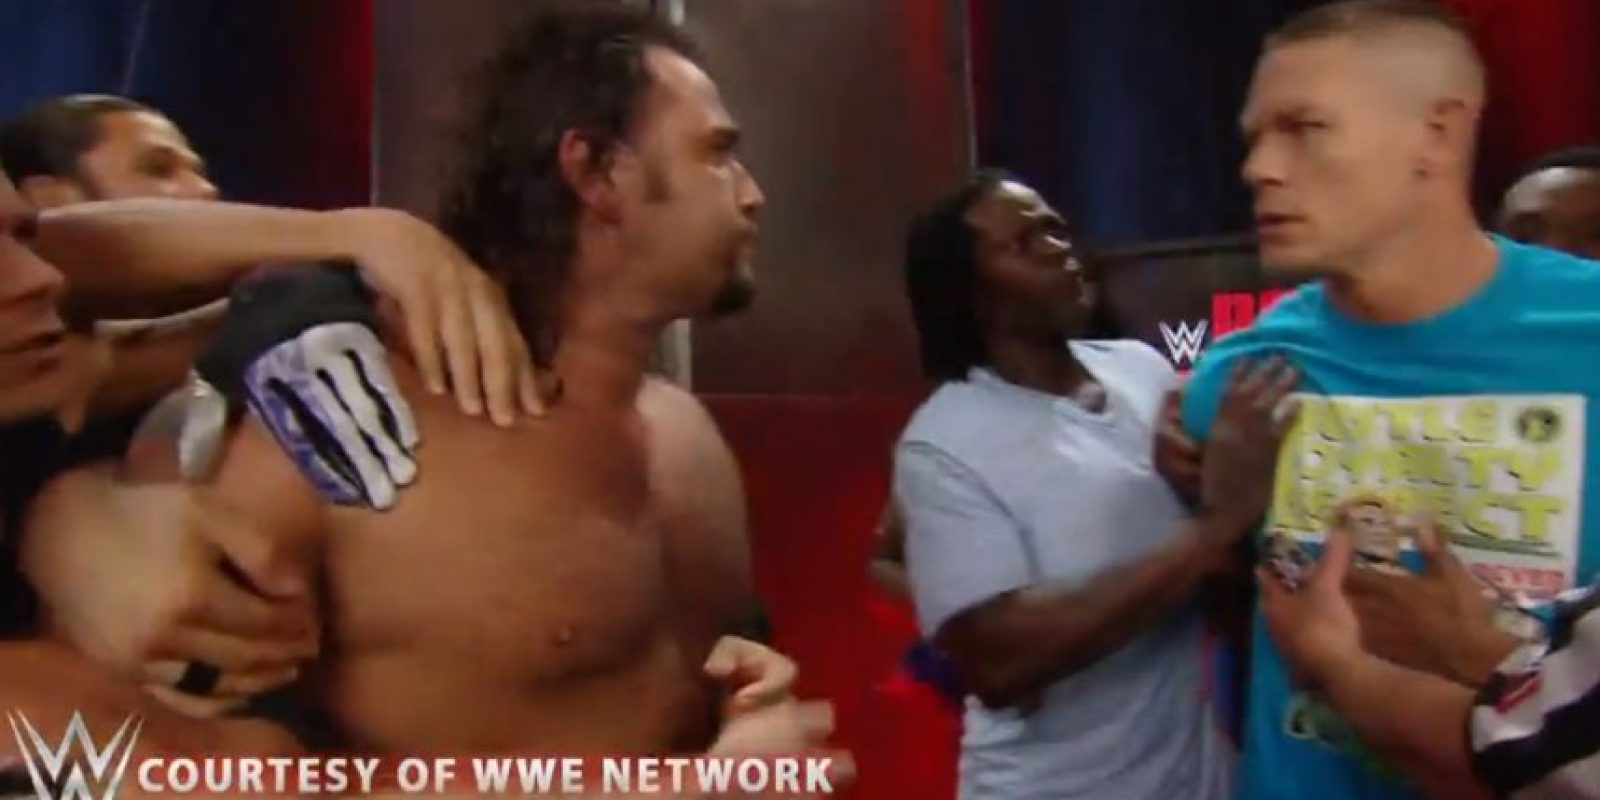 Y otras superestrellas los tuvieron que separar Foto:WWE